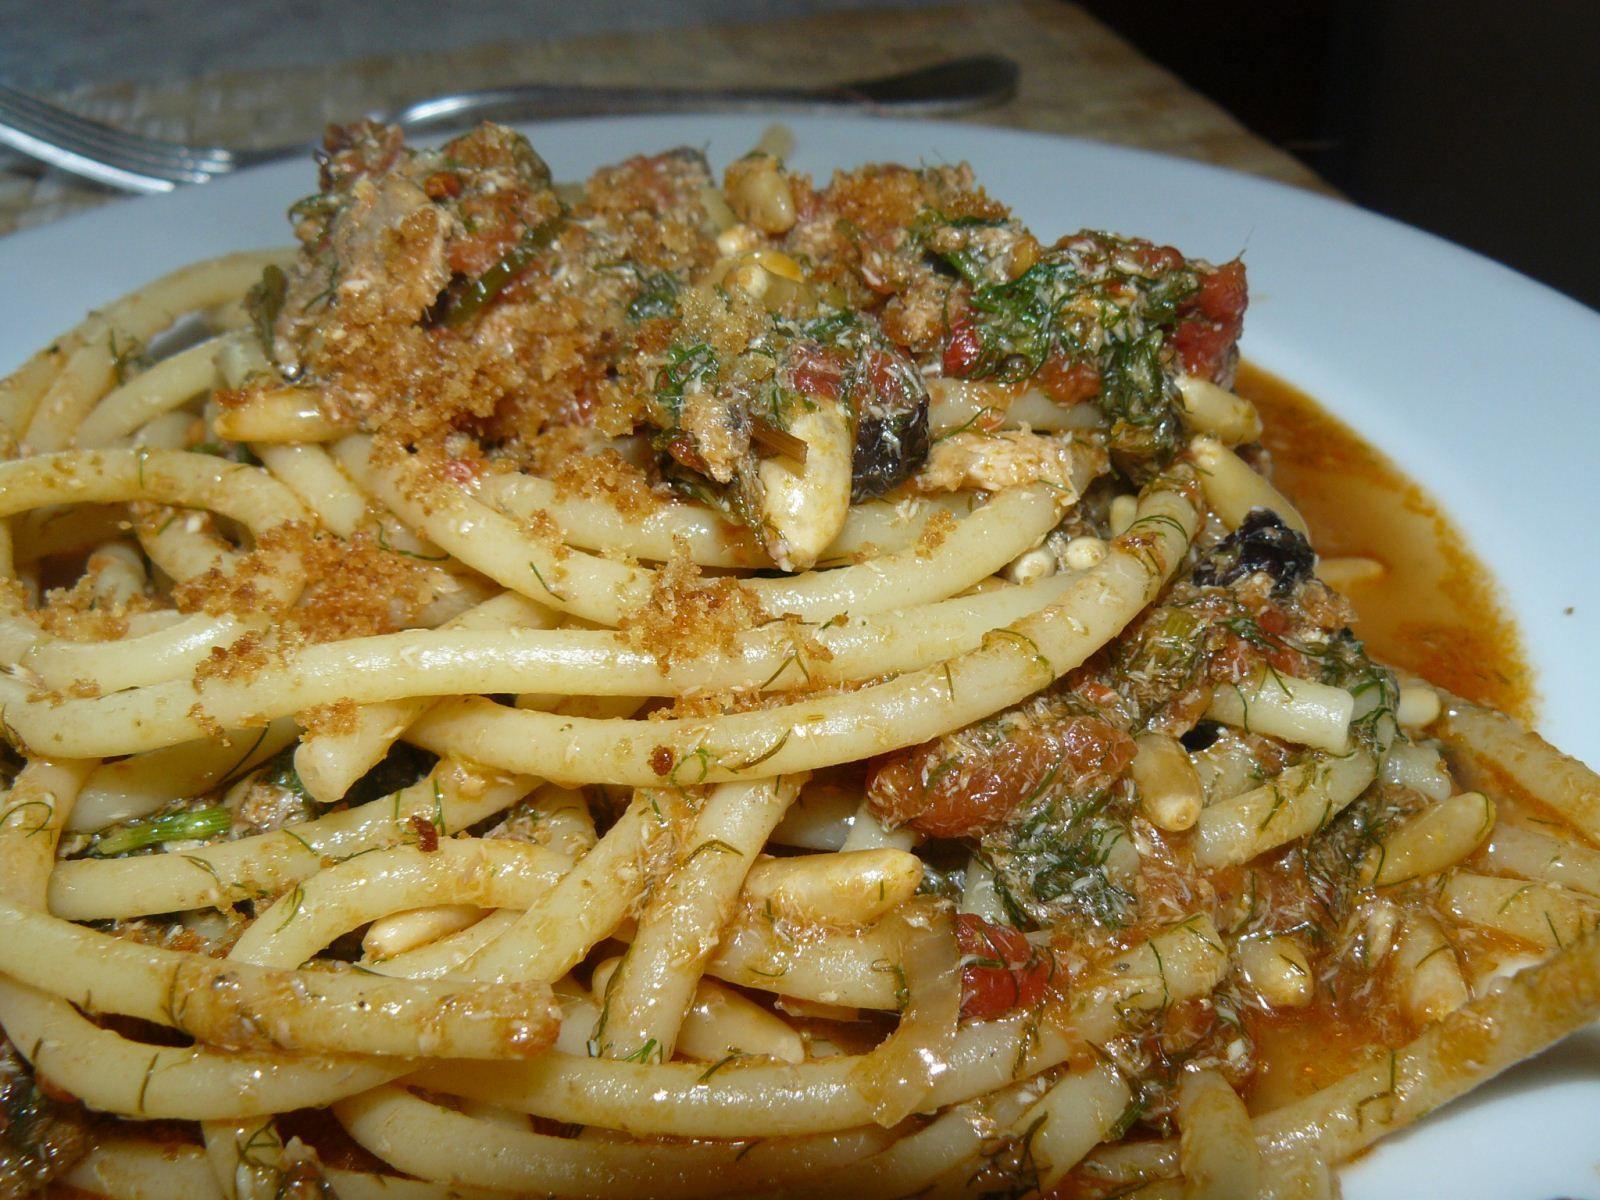 Pasta con le sarde alla milanese 1000 modi per cucinare la pasta pasta - 1000 modi per cucinare le uova ...